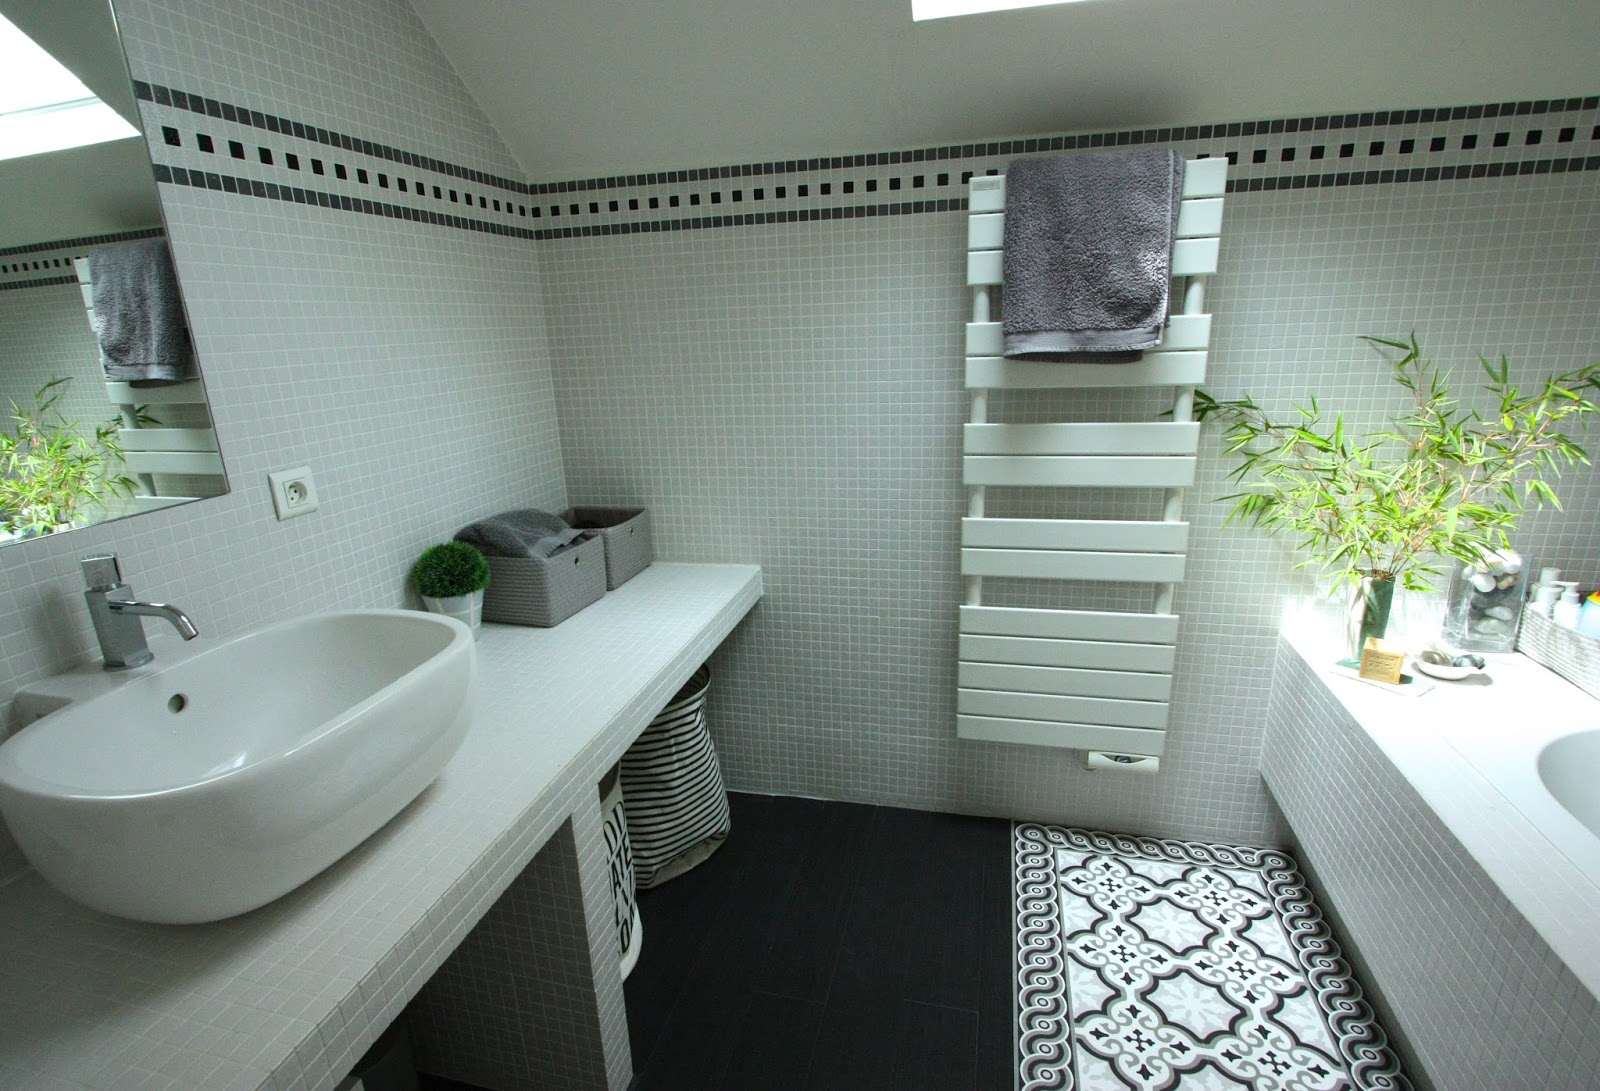 un nouveau regard l 39 objet du d sir. Black Bedroom Furniture Sets. Home Design Ideas